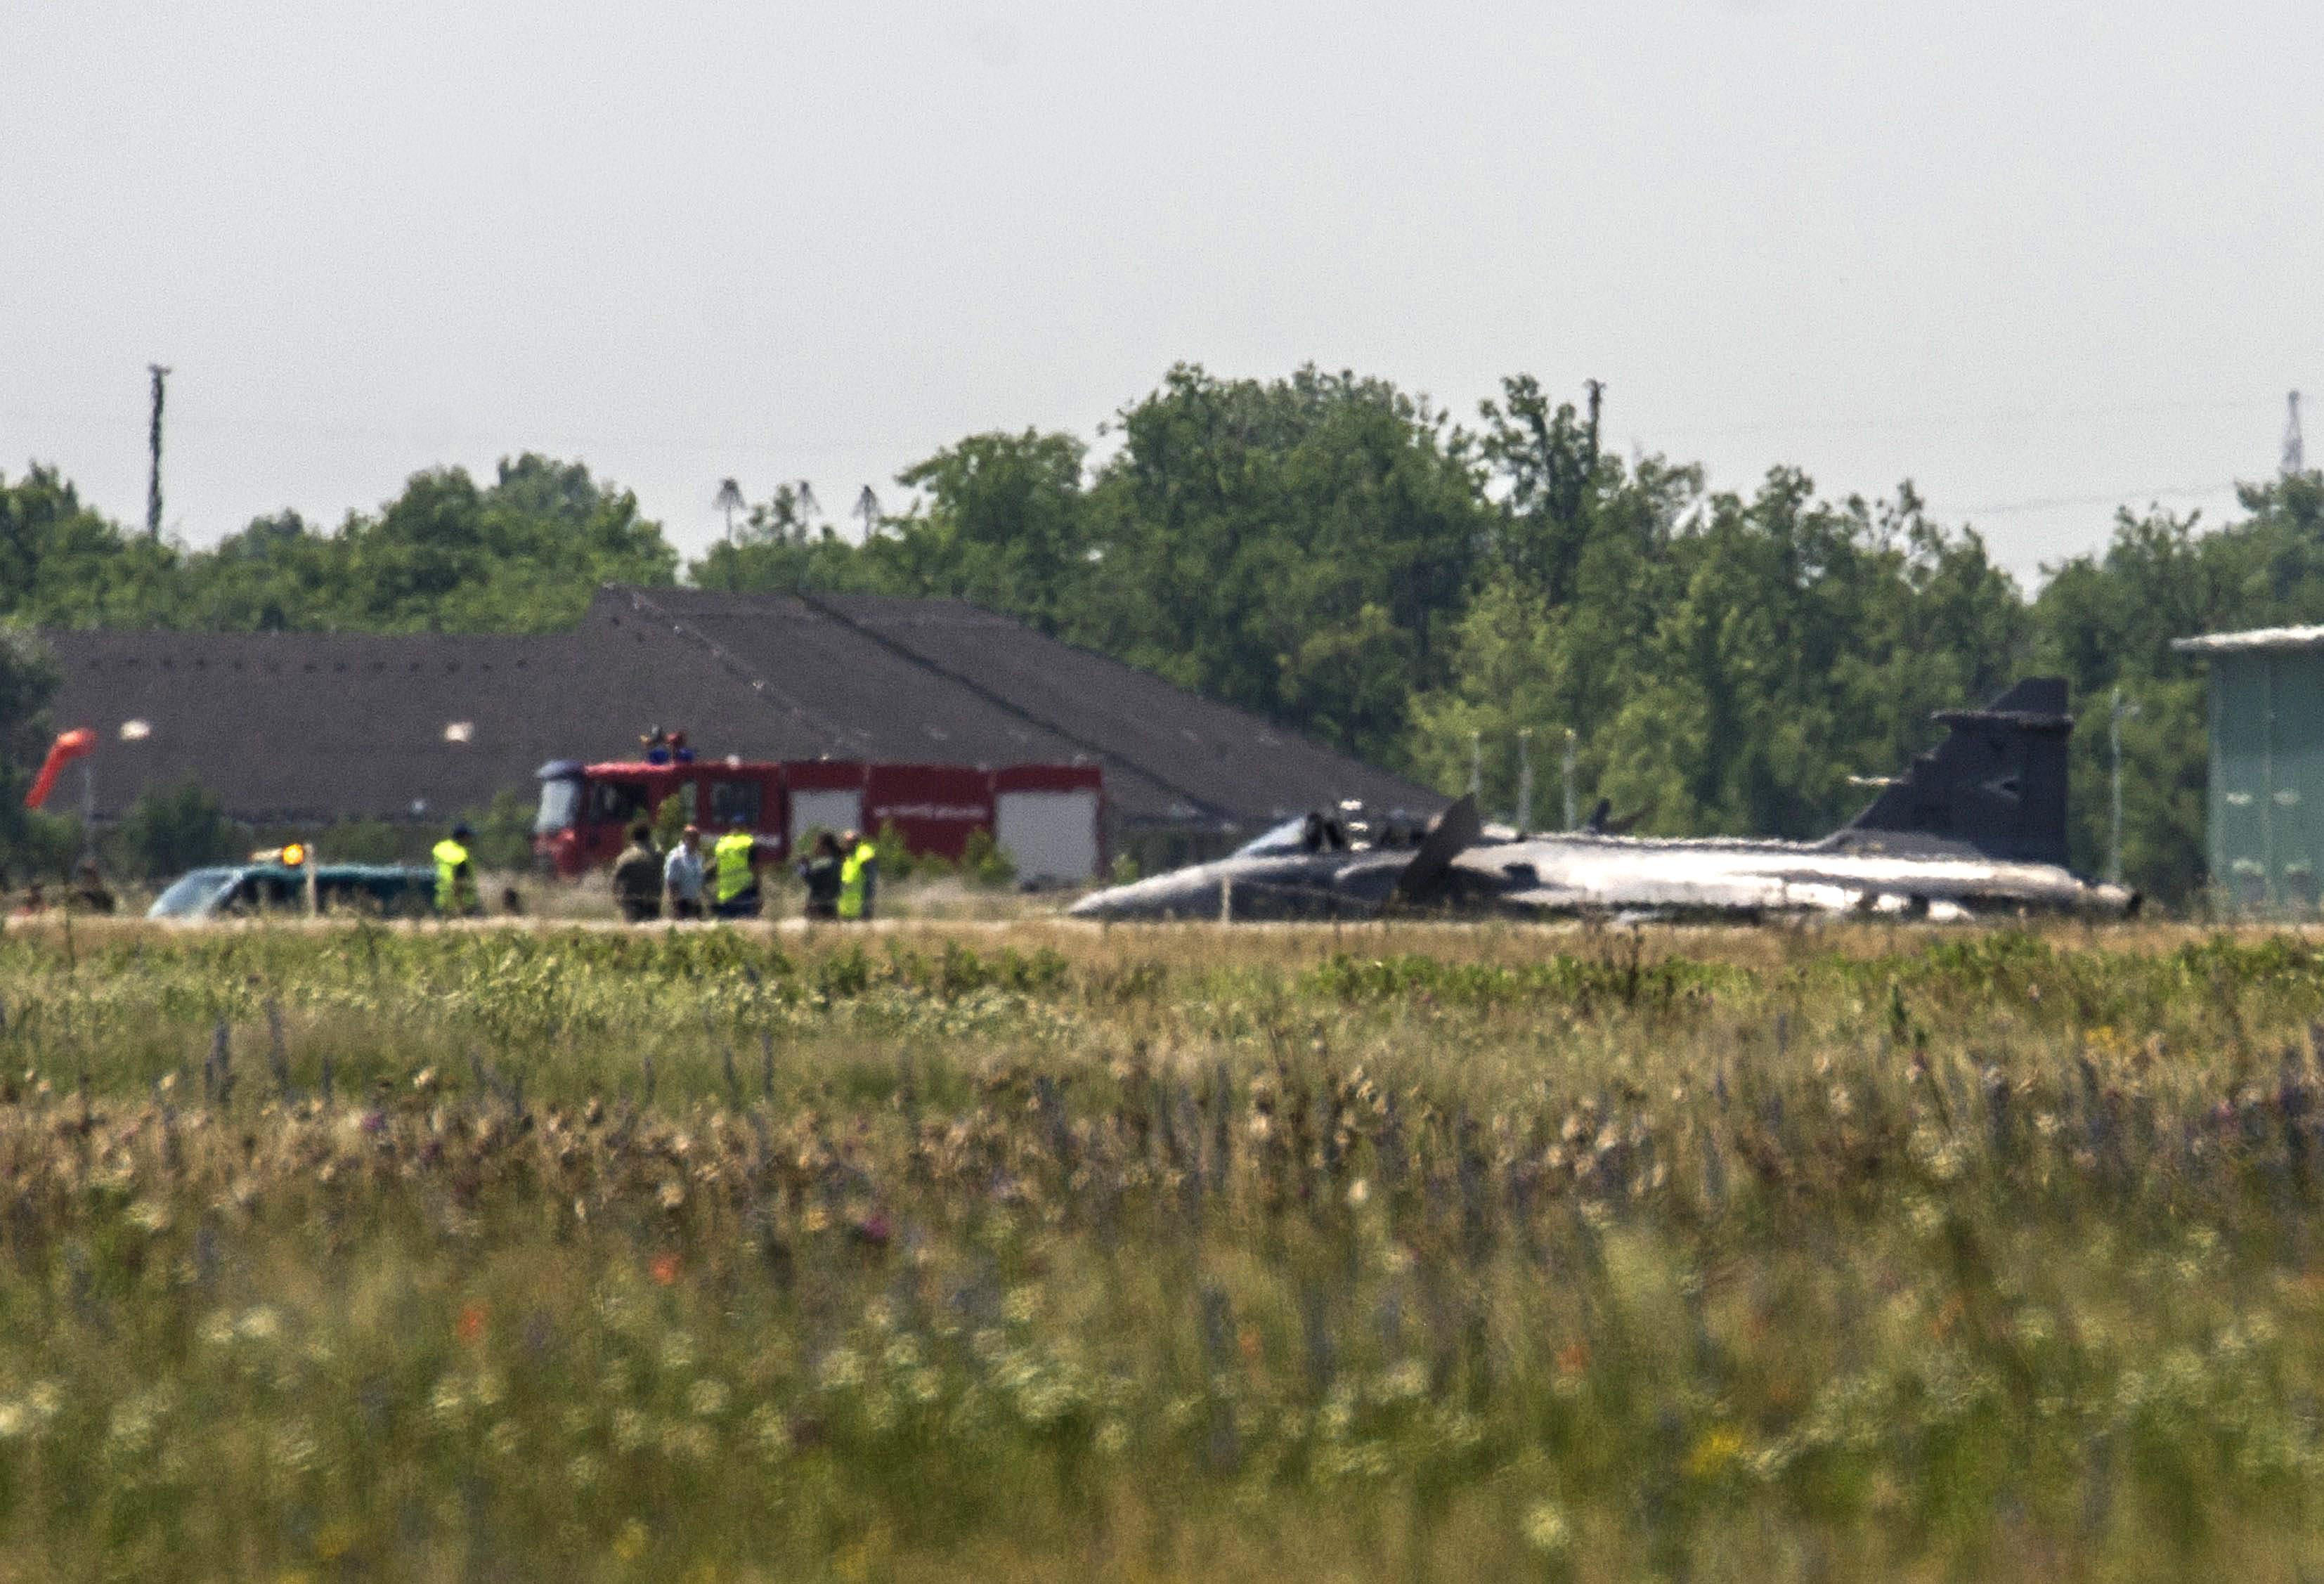 Kecskemét, 2015. június 10. A Magyar Honvédség JAS-39 C Gripen típusú, kényszerleszállást végrehajtott repülõgépe a kecskeméti katonai repülõtéren 2015. június 10-én. A gépen a felszállás után a repülést veszélyeztetõ mûszaki hiba lépett fel, ezért a pilóta megfelelõ biztosítás mellett 10 óra 52 perckor kényszerleszállást hajtott végre, és közben katapultált. A pilóta eszméleténél van, orvosok vizsgálják. MTI Fotó: Ujvári Sándor